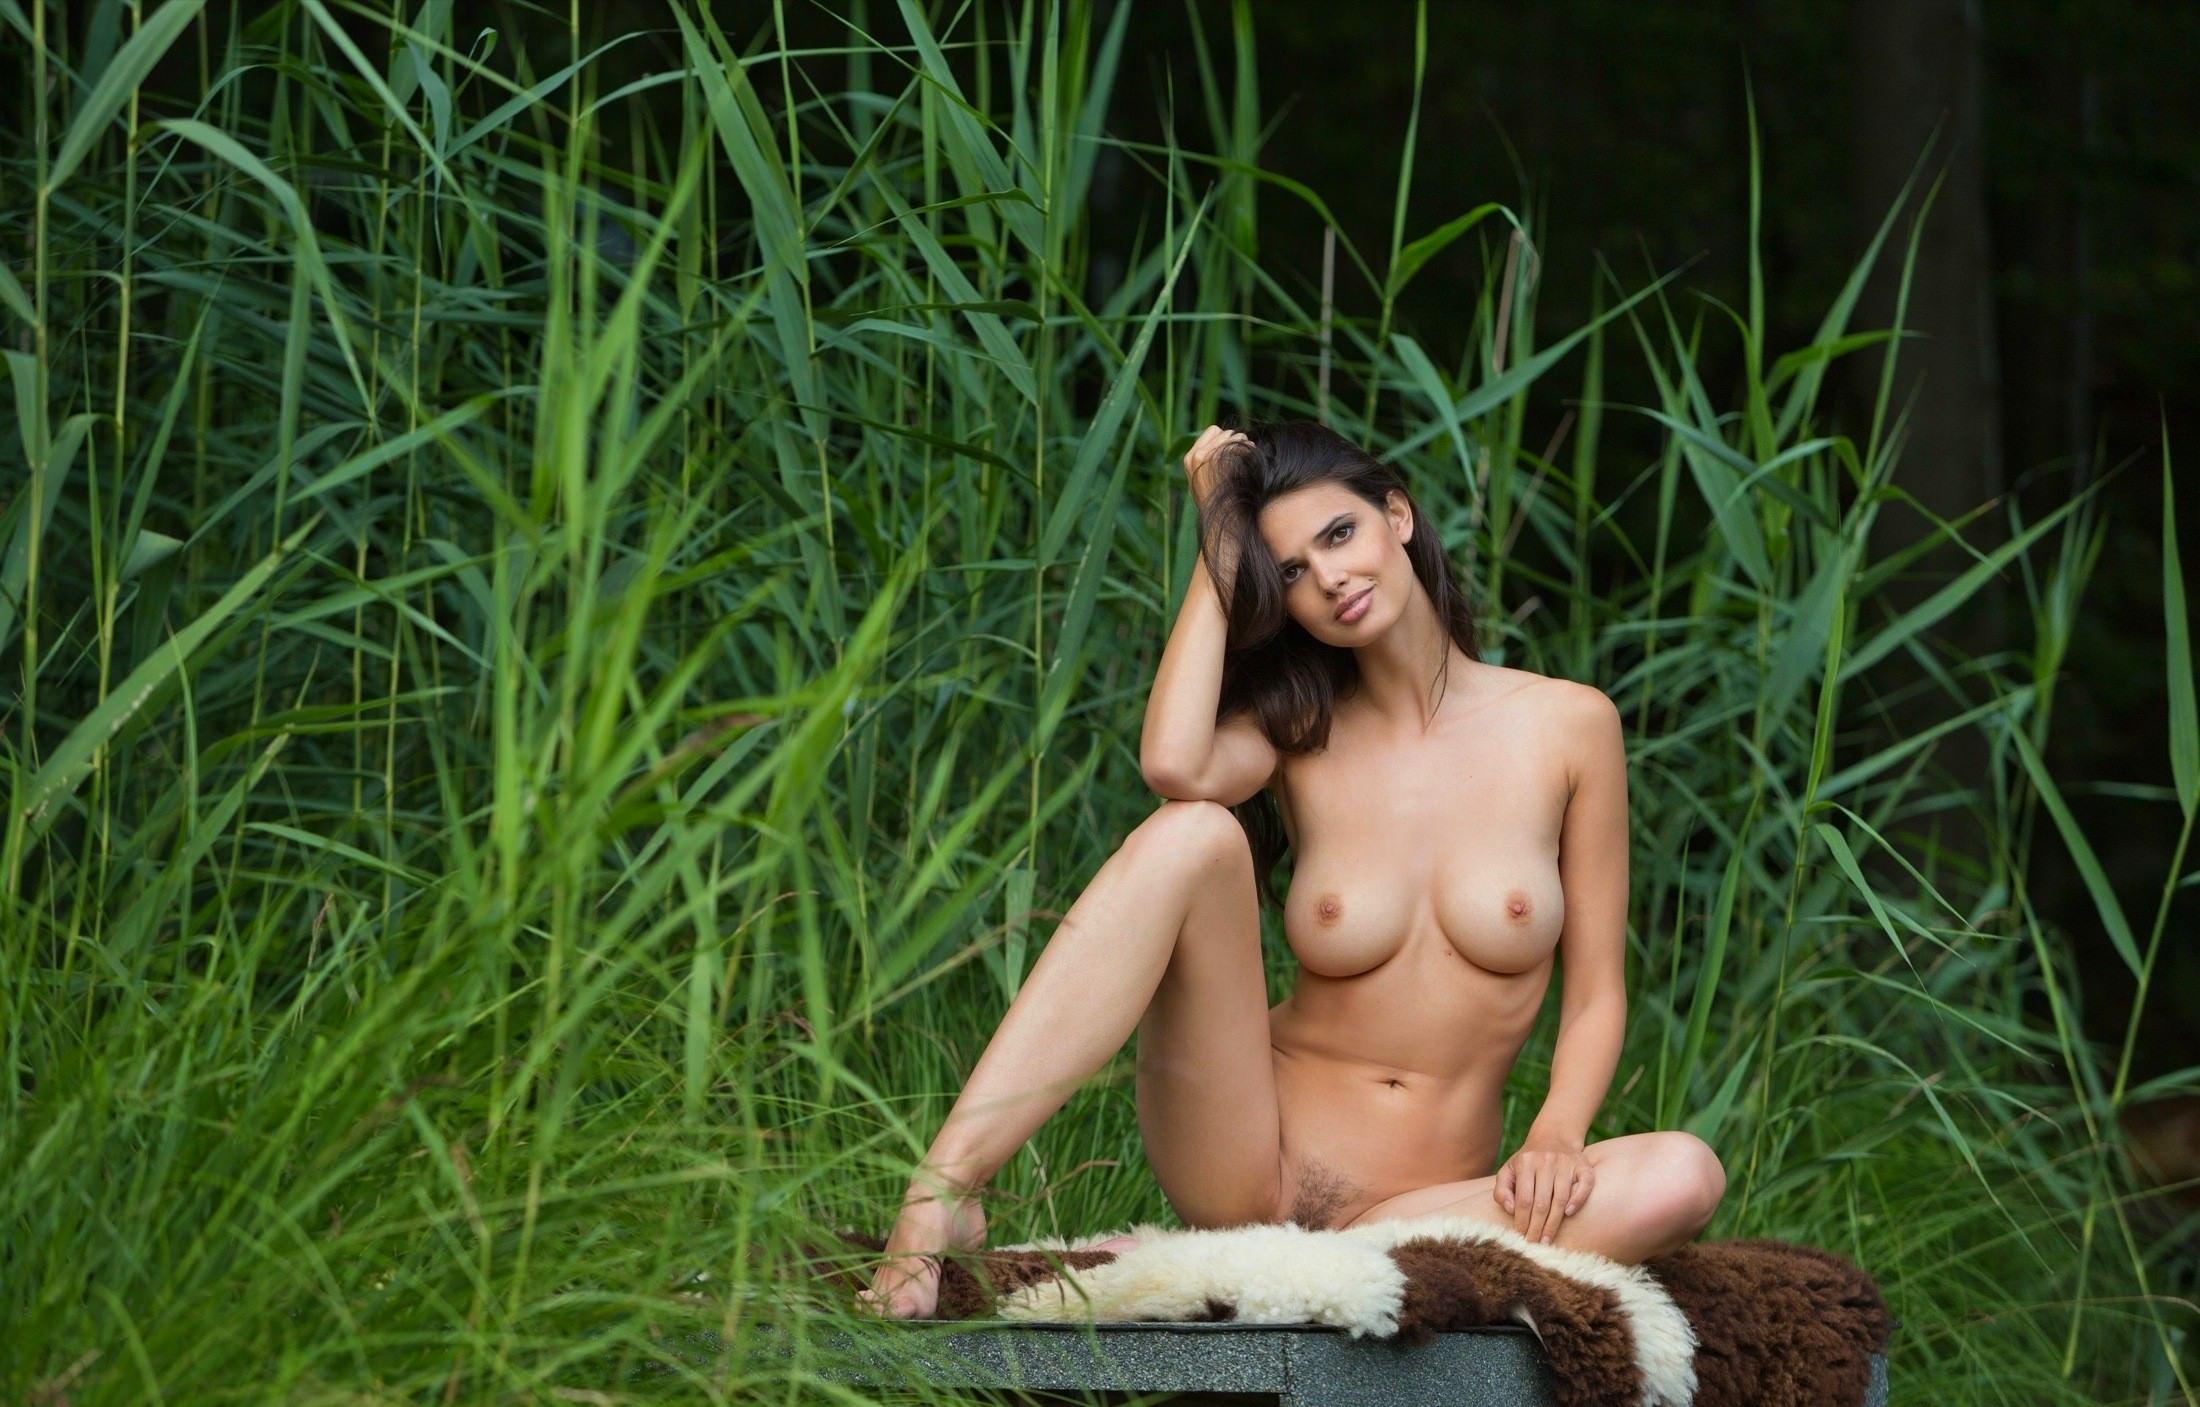 Эро модель позирует на природе порно фото бесплатно